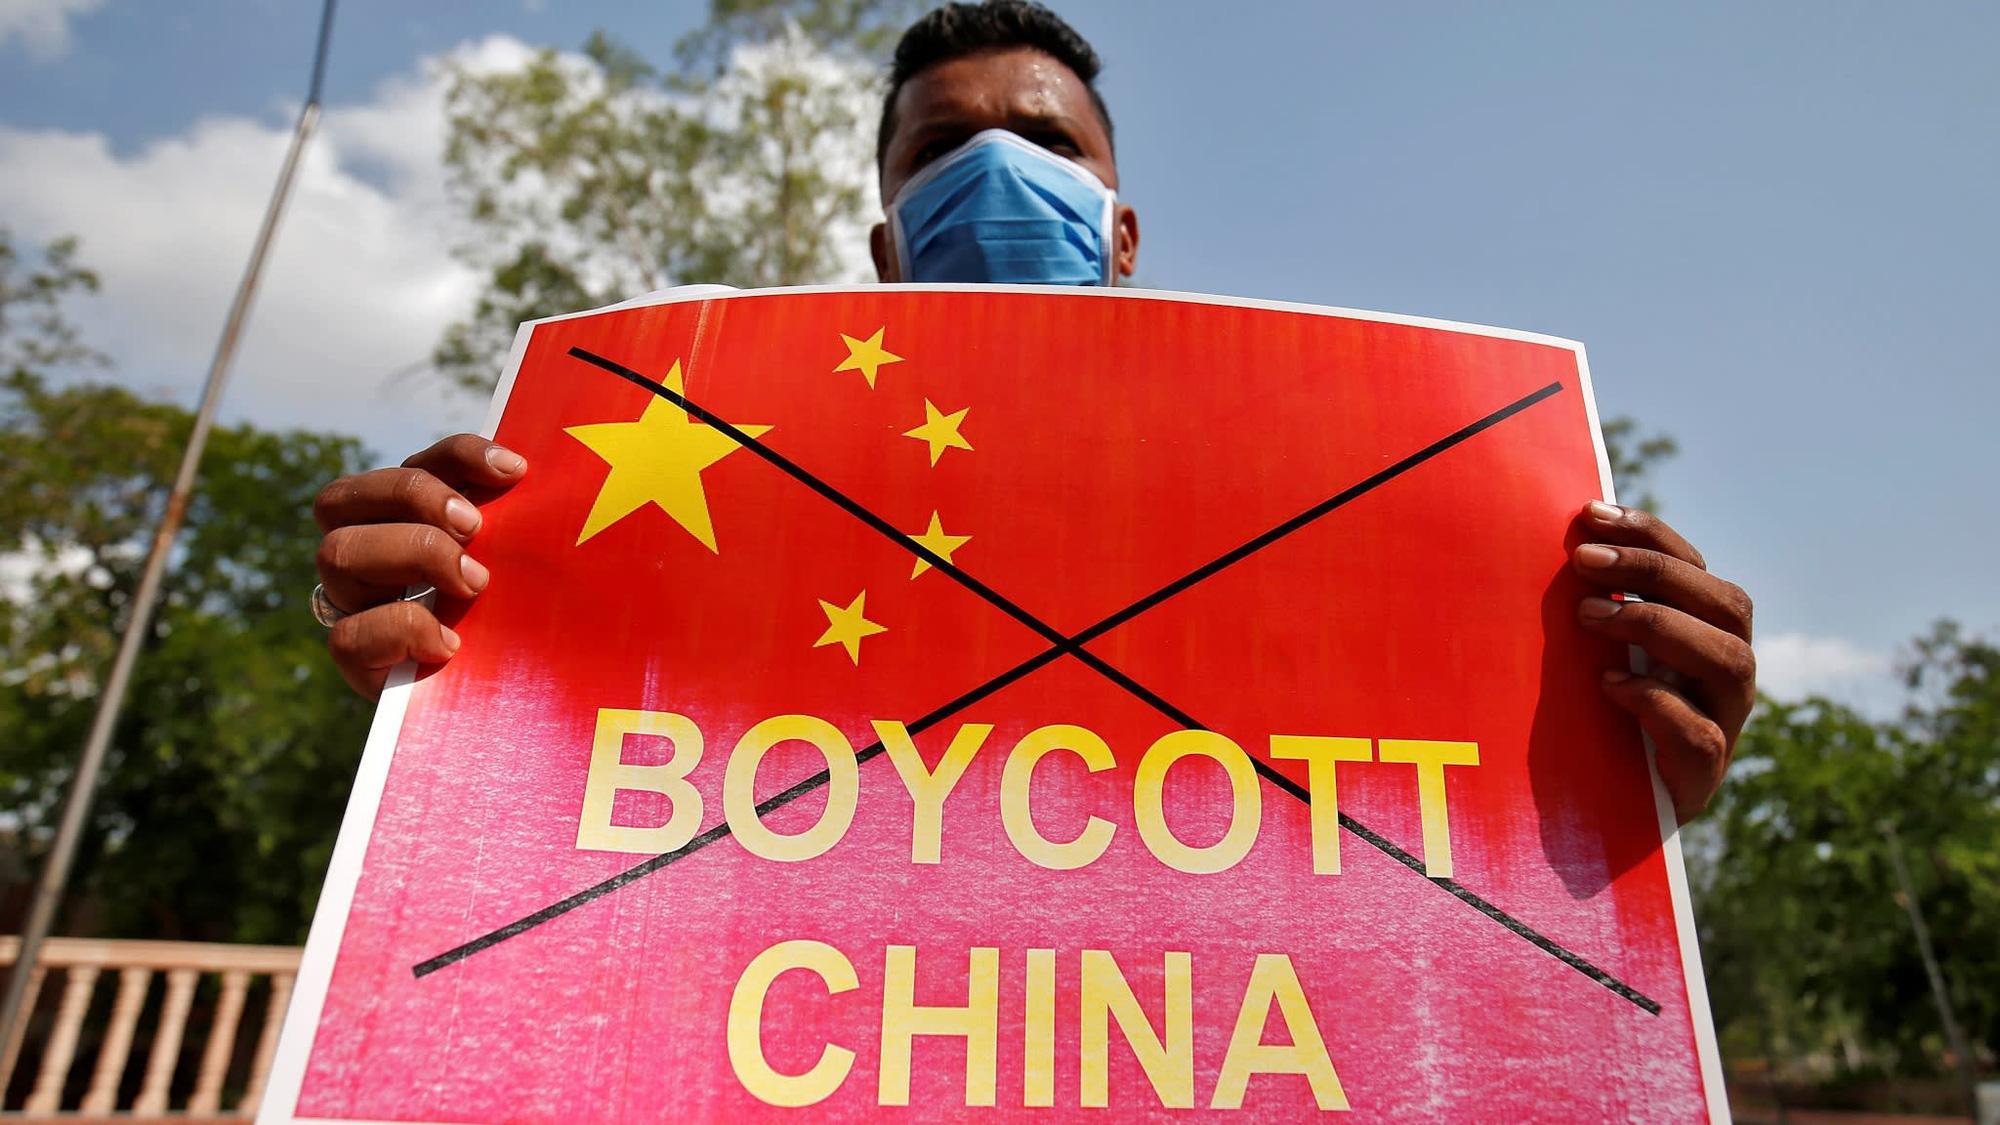 Xung đột biên giới Trung - Ấn: Ấn Độ bắt đầu trả đũa kinh tế - Ảnh 1.